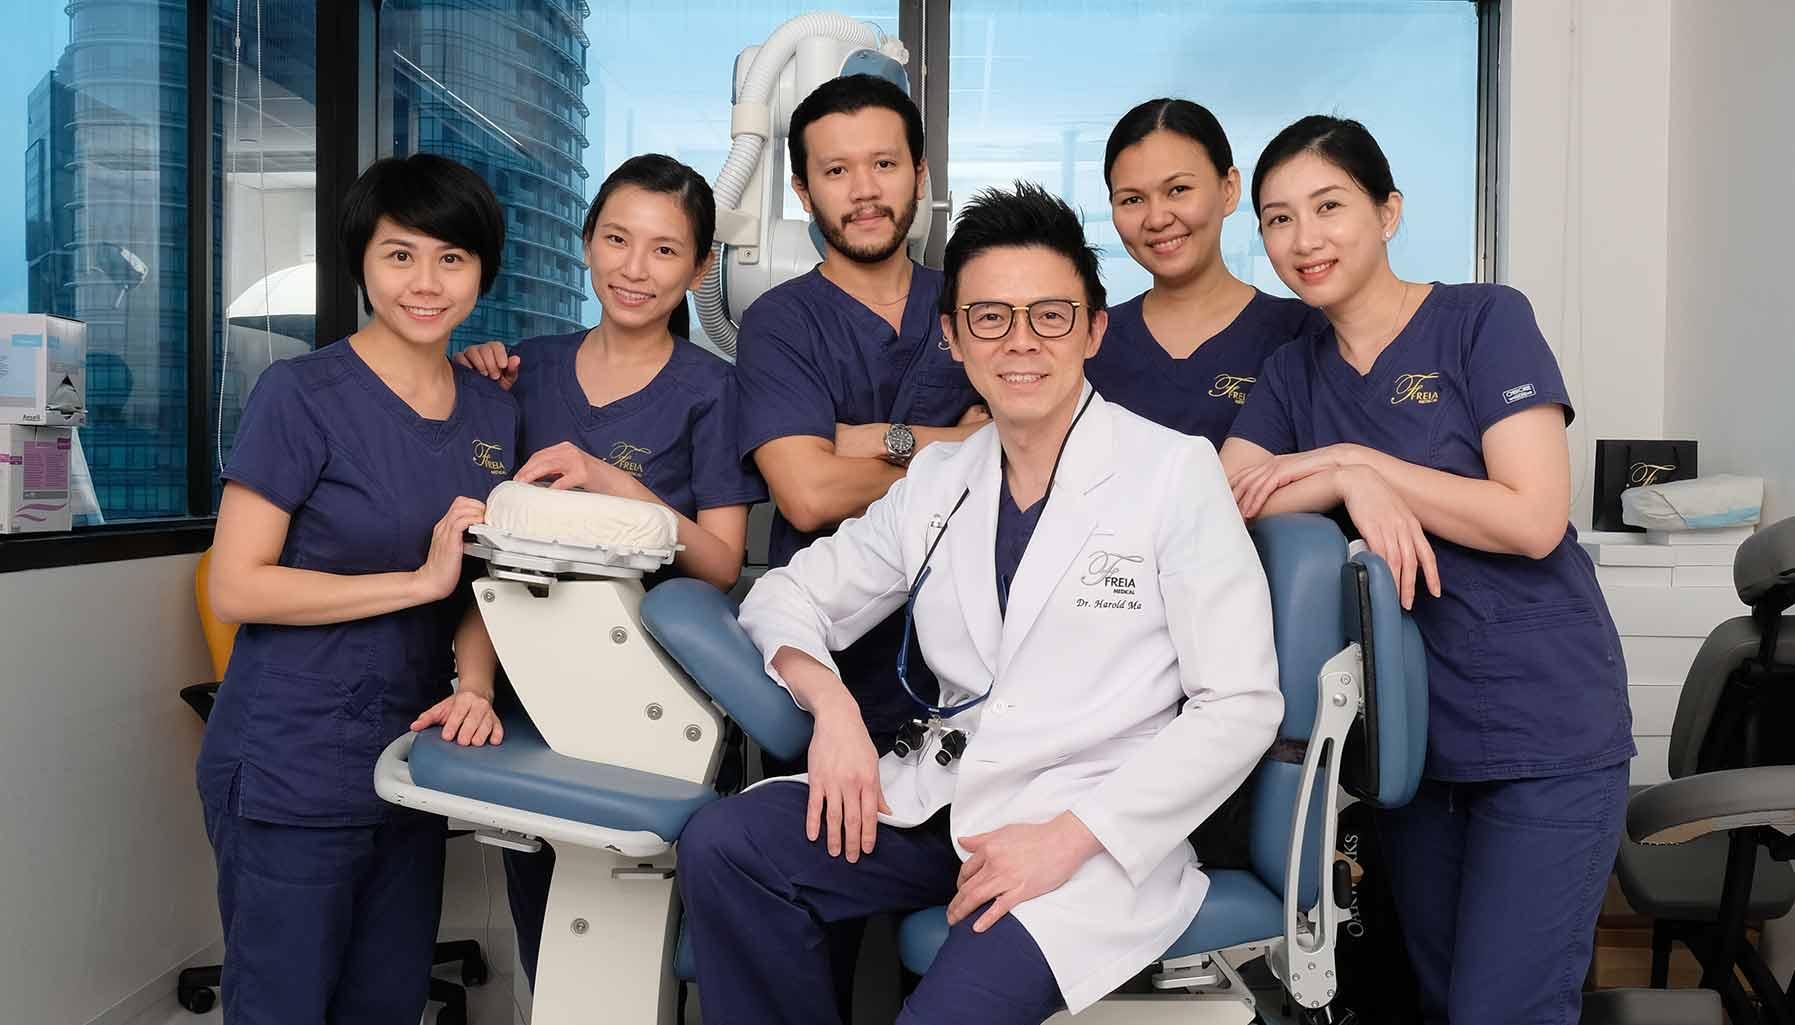 Freia Medical, Harold Ma